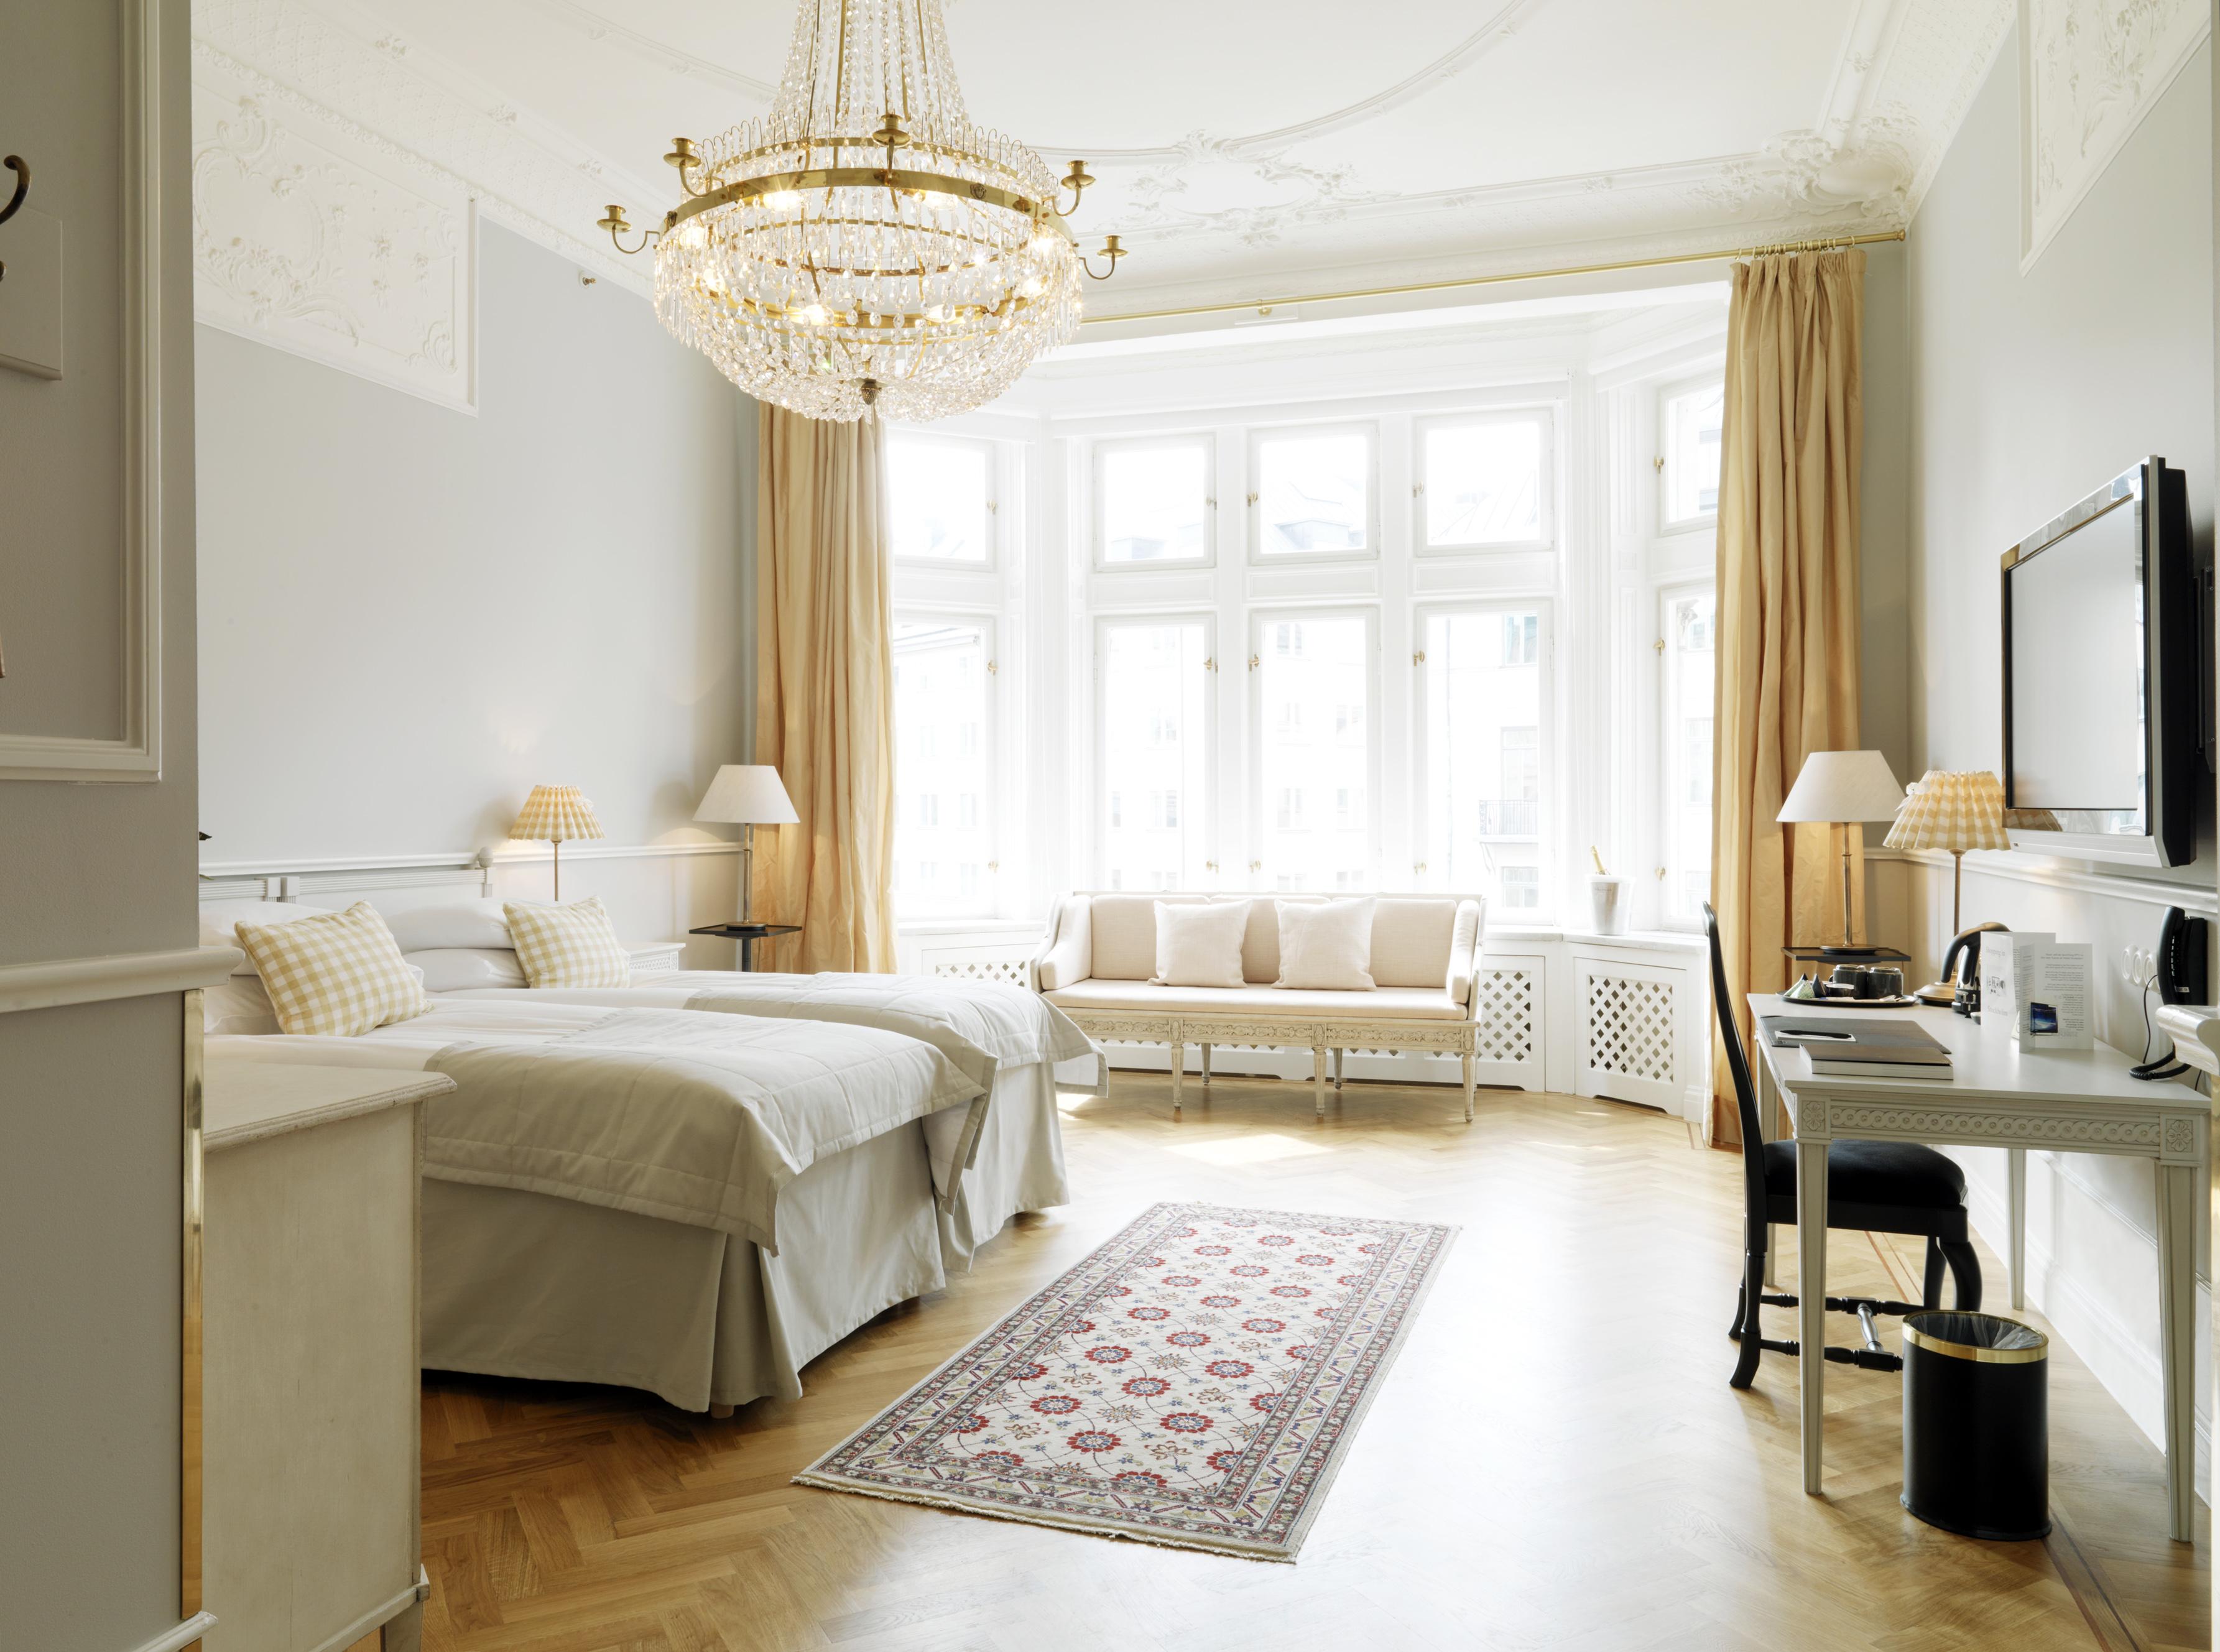 design hotel stockholm best boutique hotels around the world with design hotel stockholm cheap. Black Bedroom Furniture Sets. Home Design Ideas